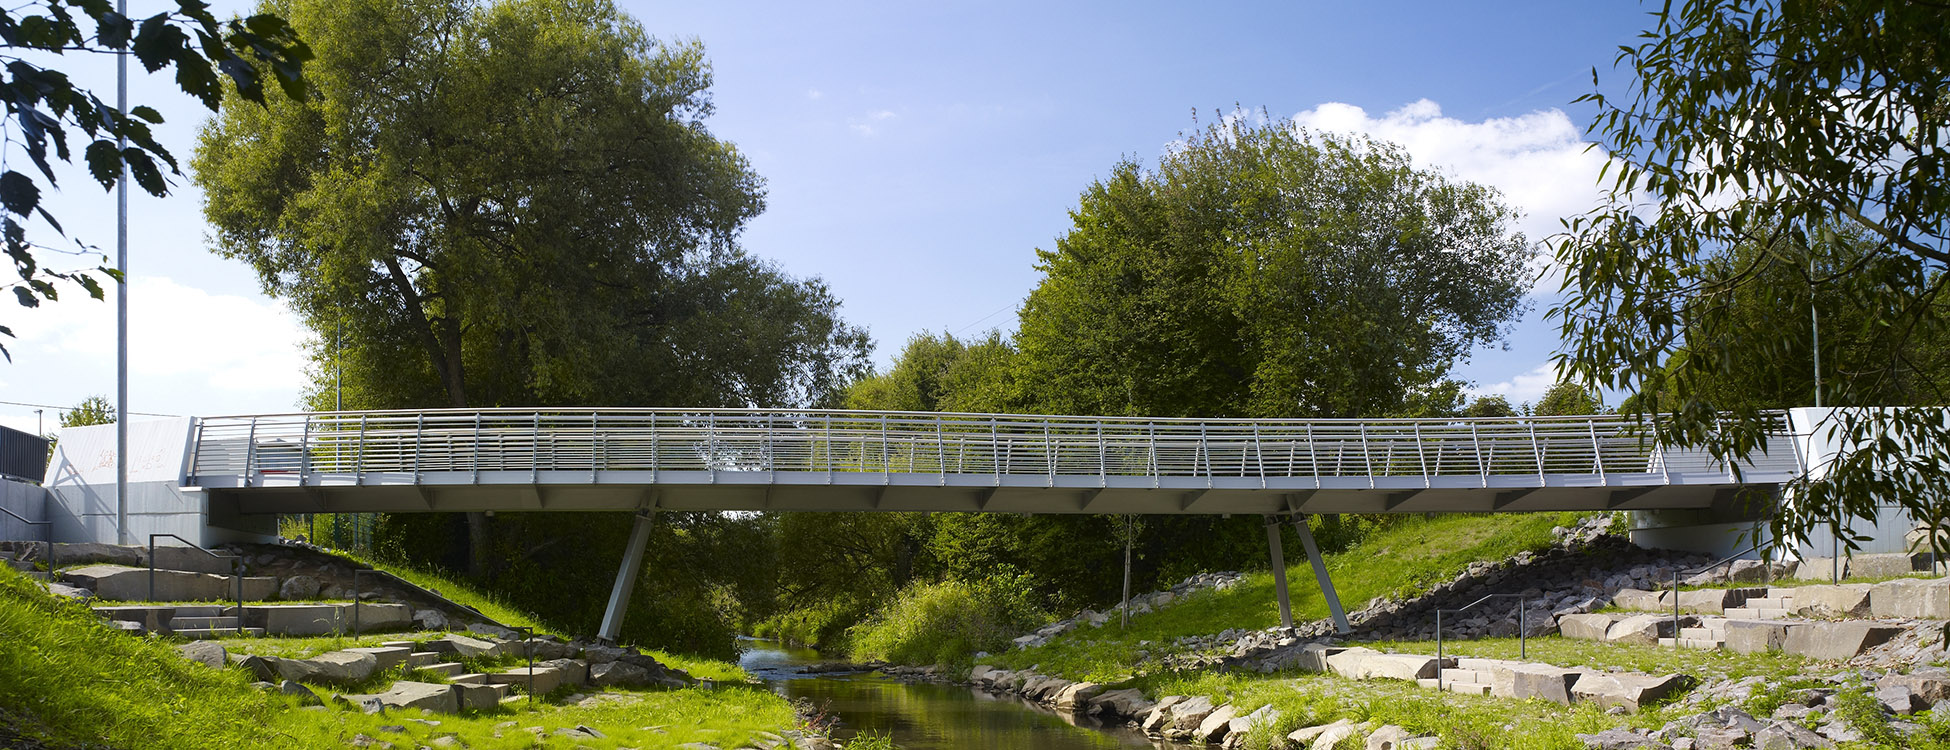 Seitenansicht Brücke über die Theel